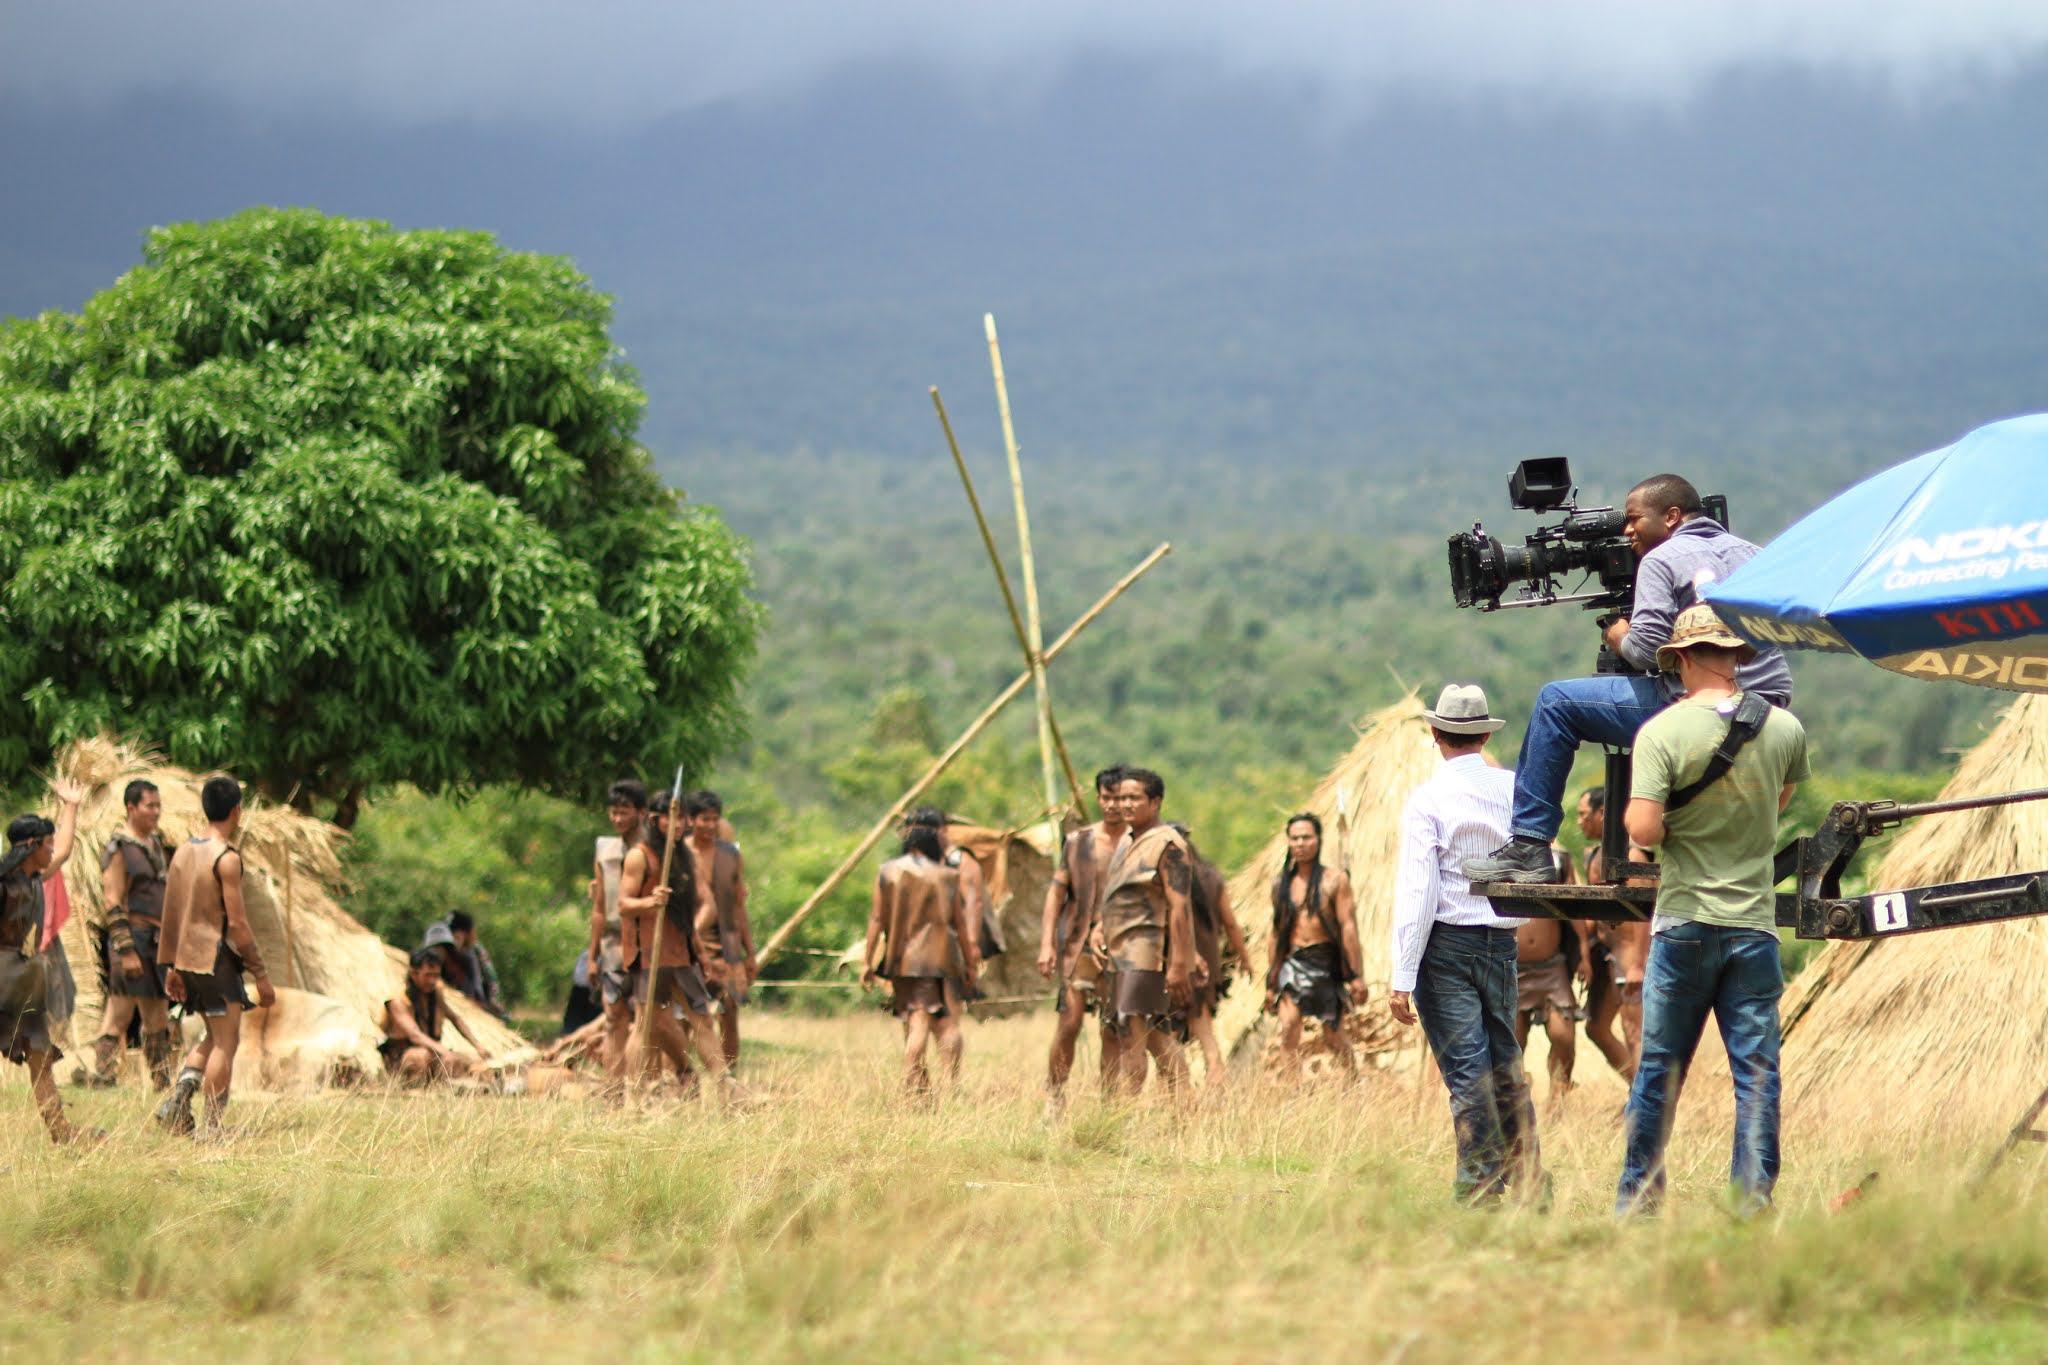 Sutradara dan Kru Film yang Terlibat dalam Pembuatan Film